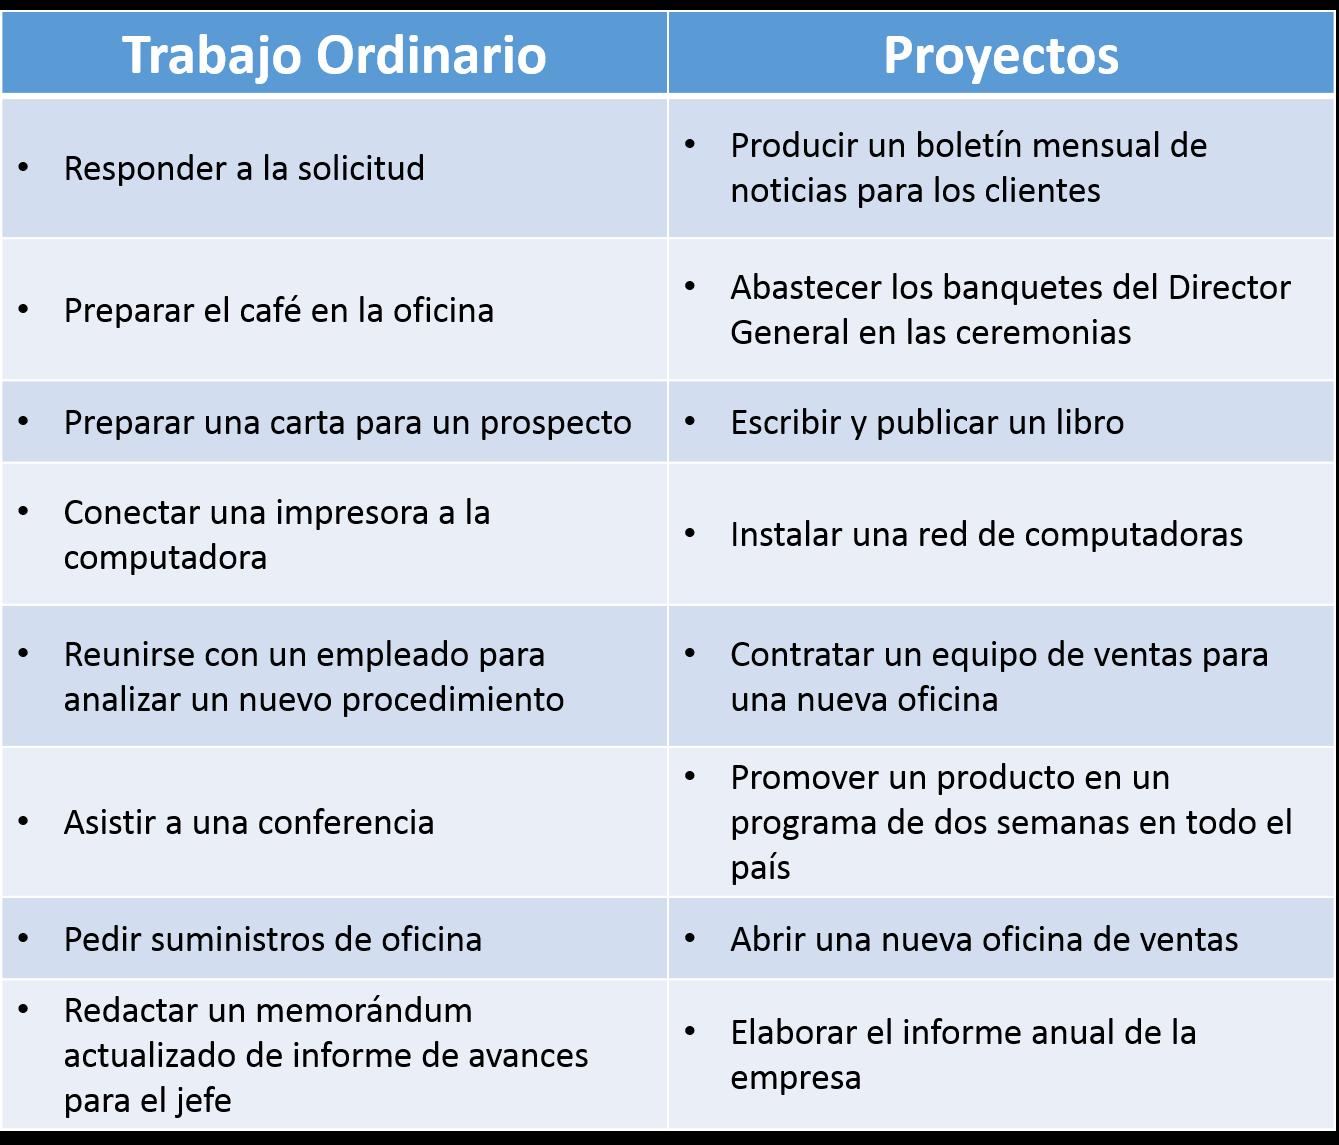 Comparar trabajo ordinario con proyectos | Proyectos empresariales ...